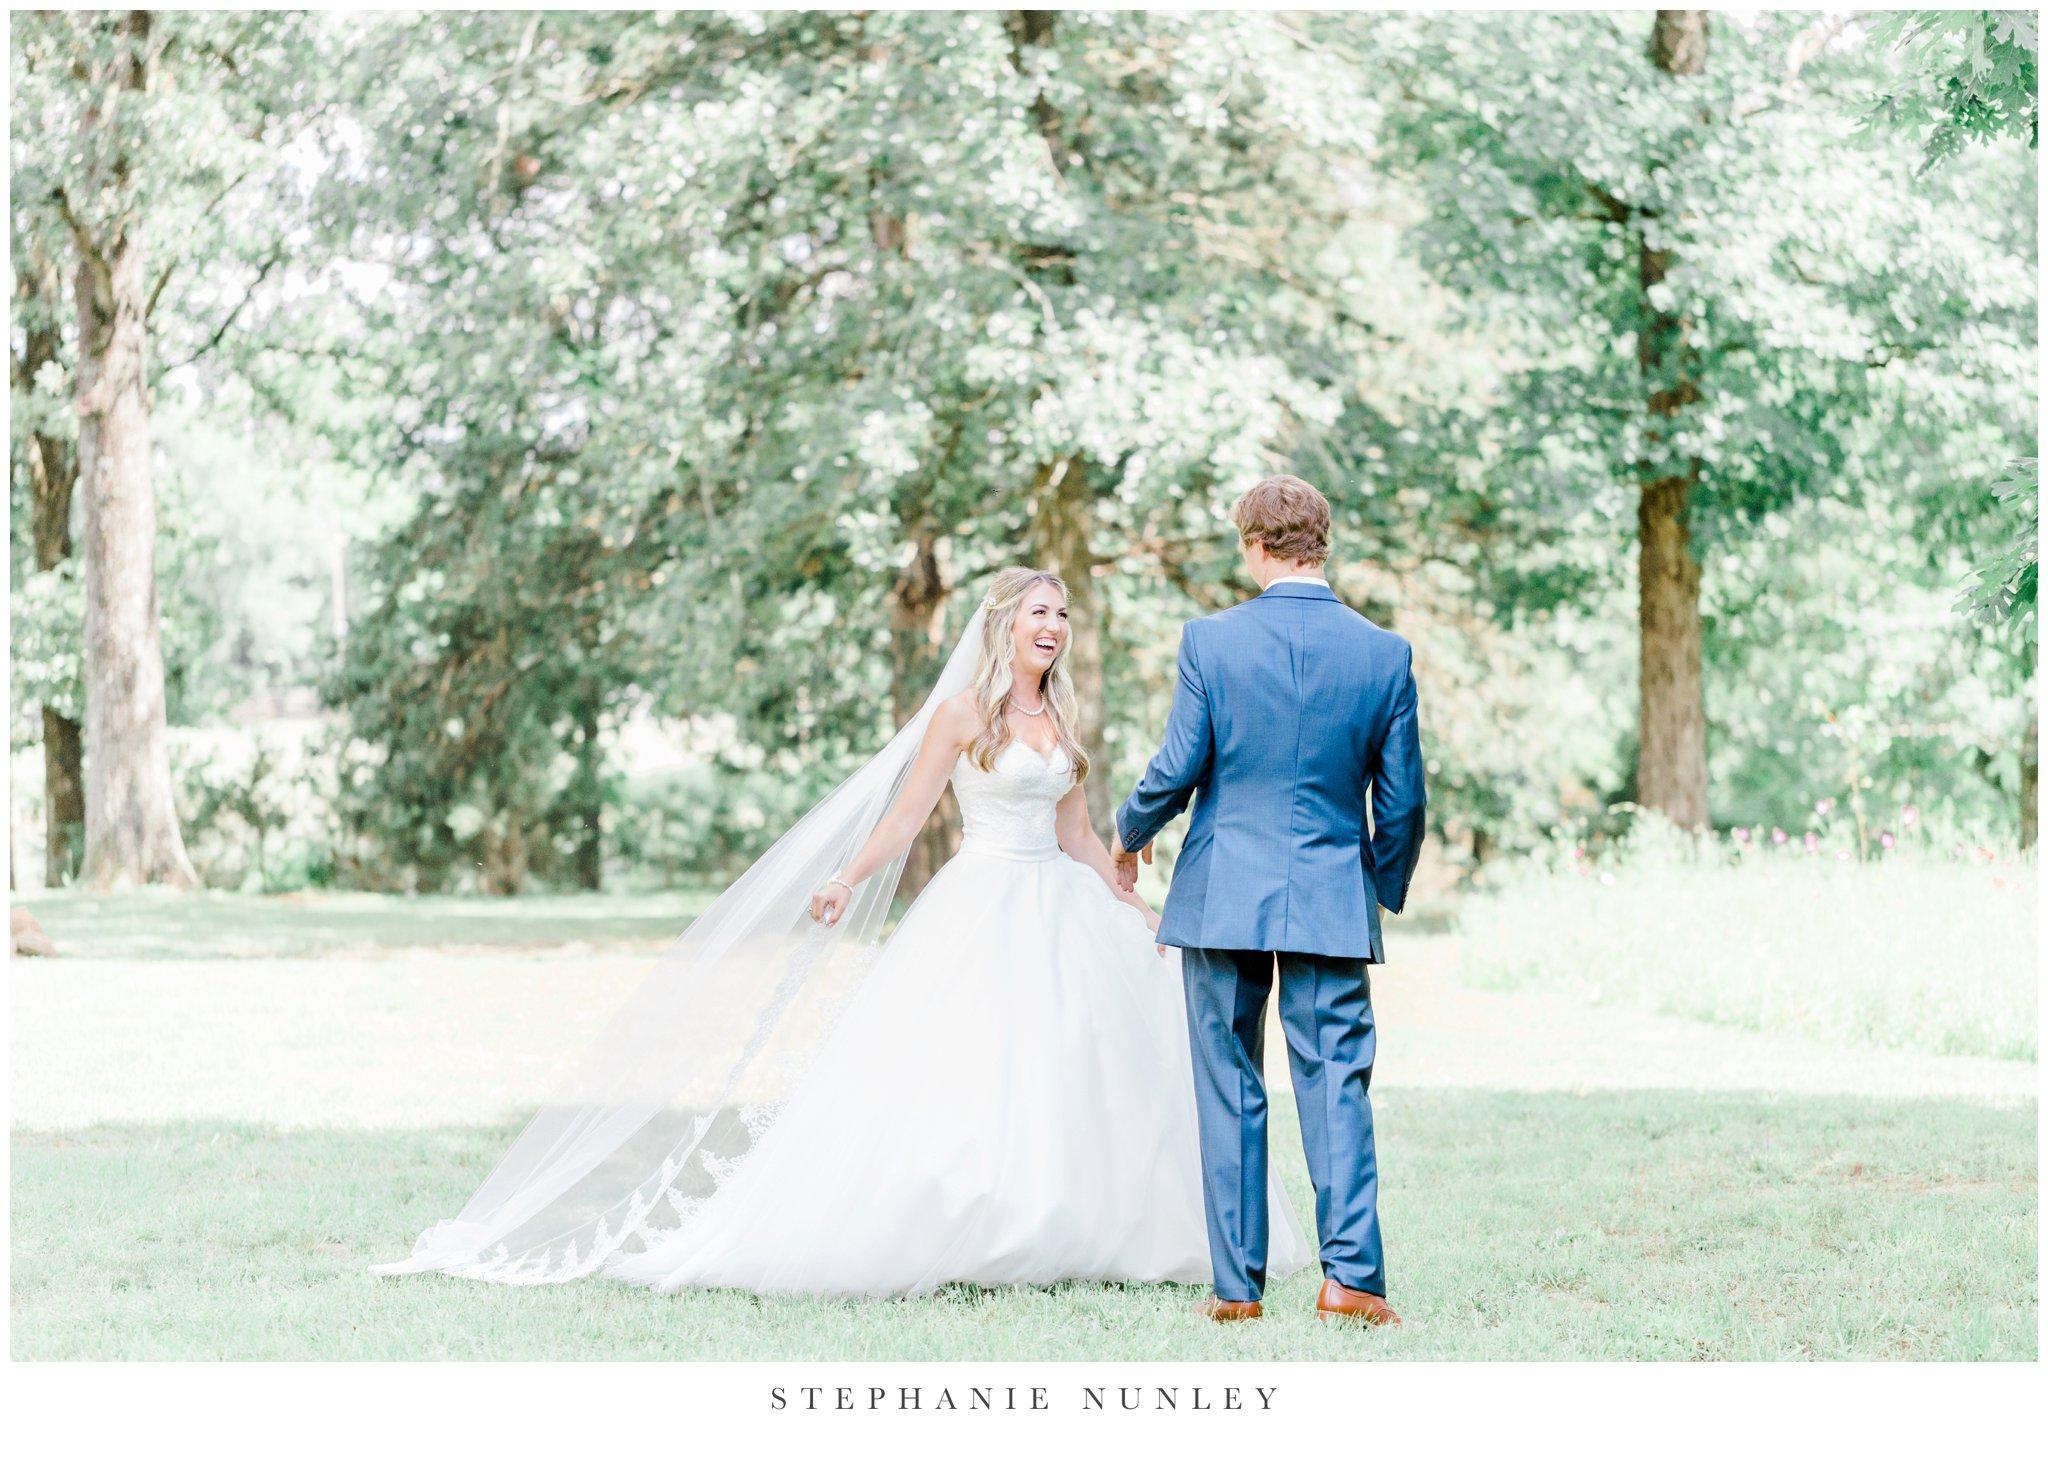 cold-springs-wedding-photos-in-arkansas-0021.jpg